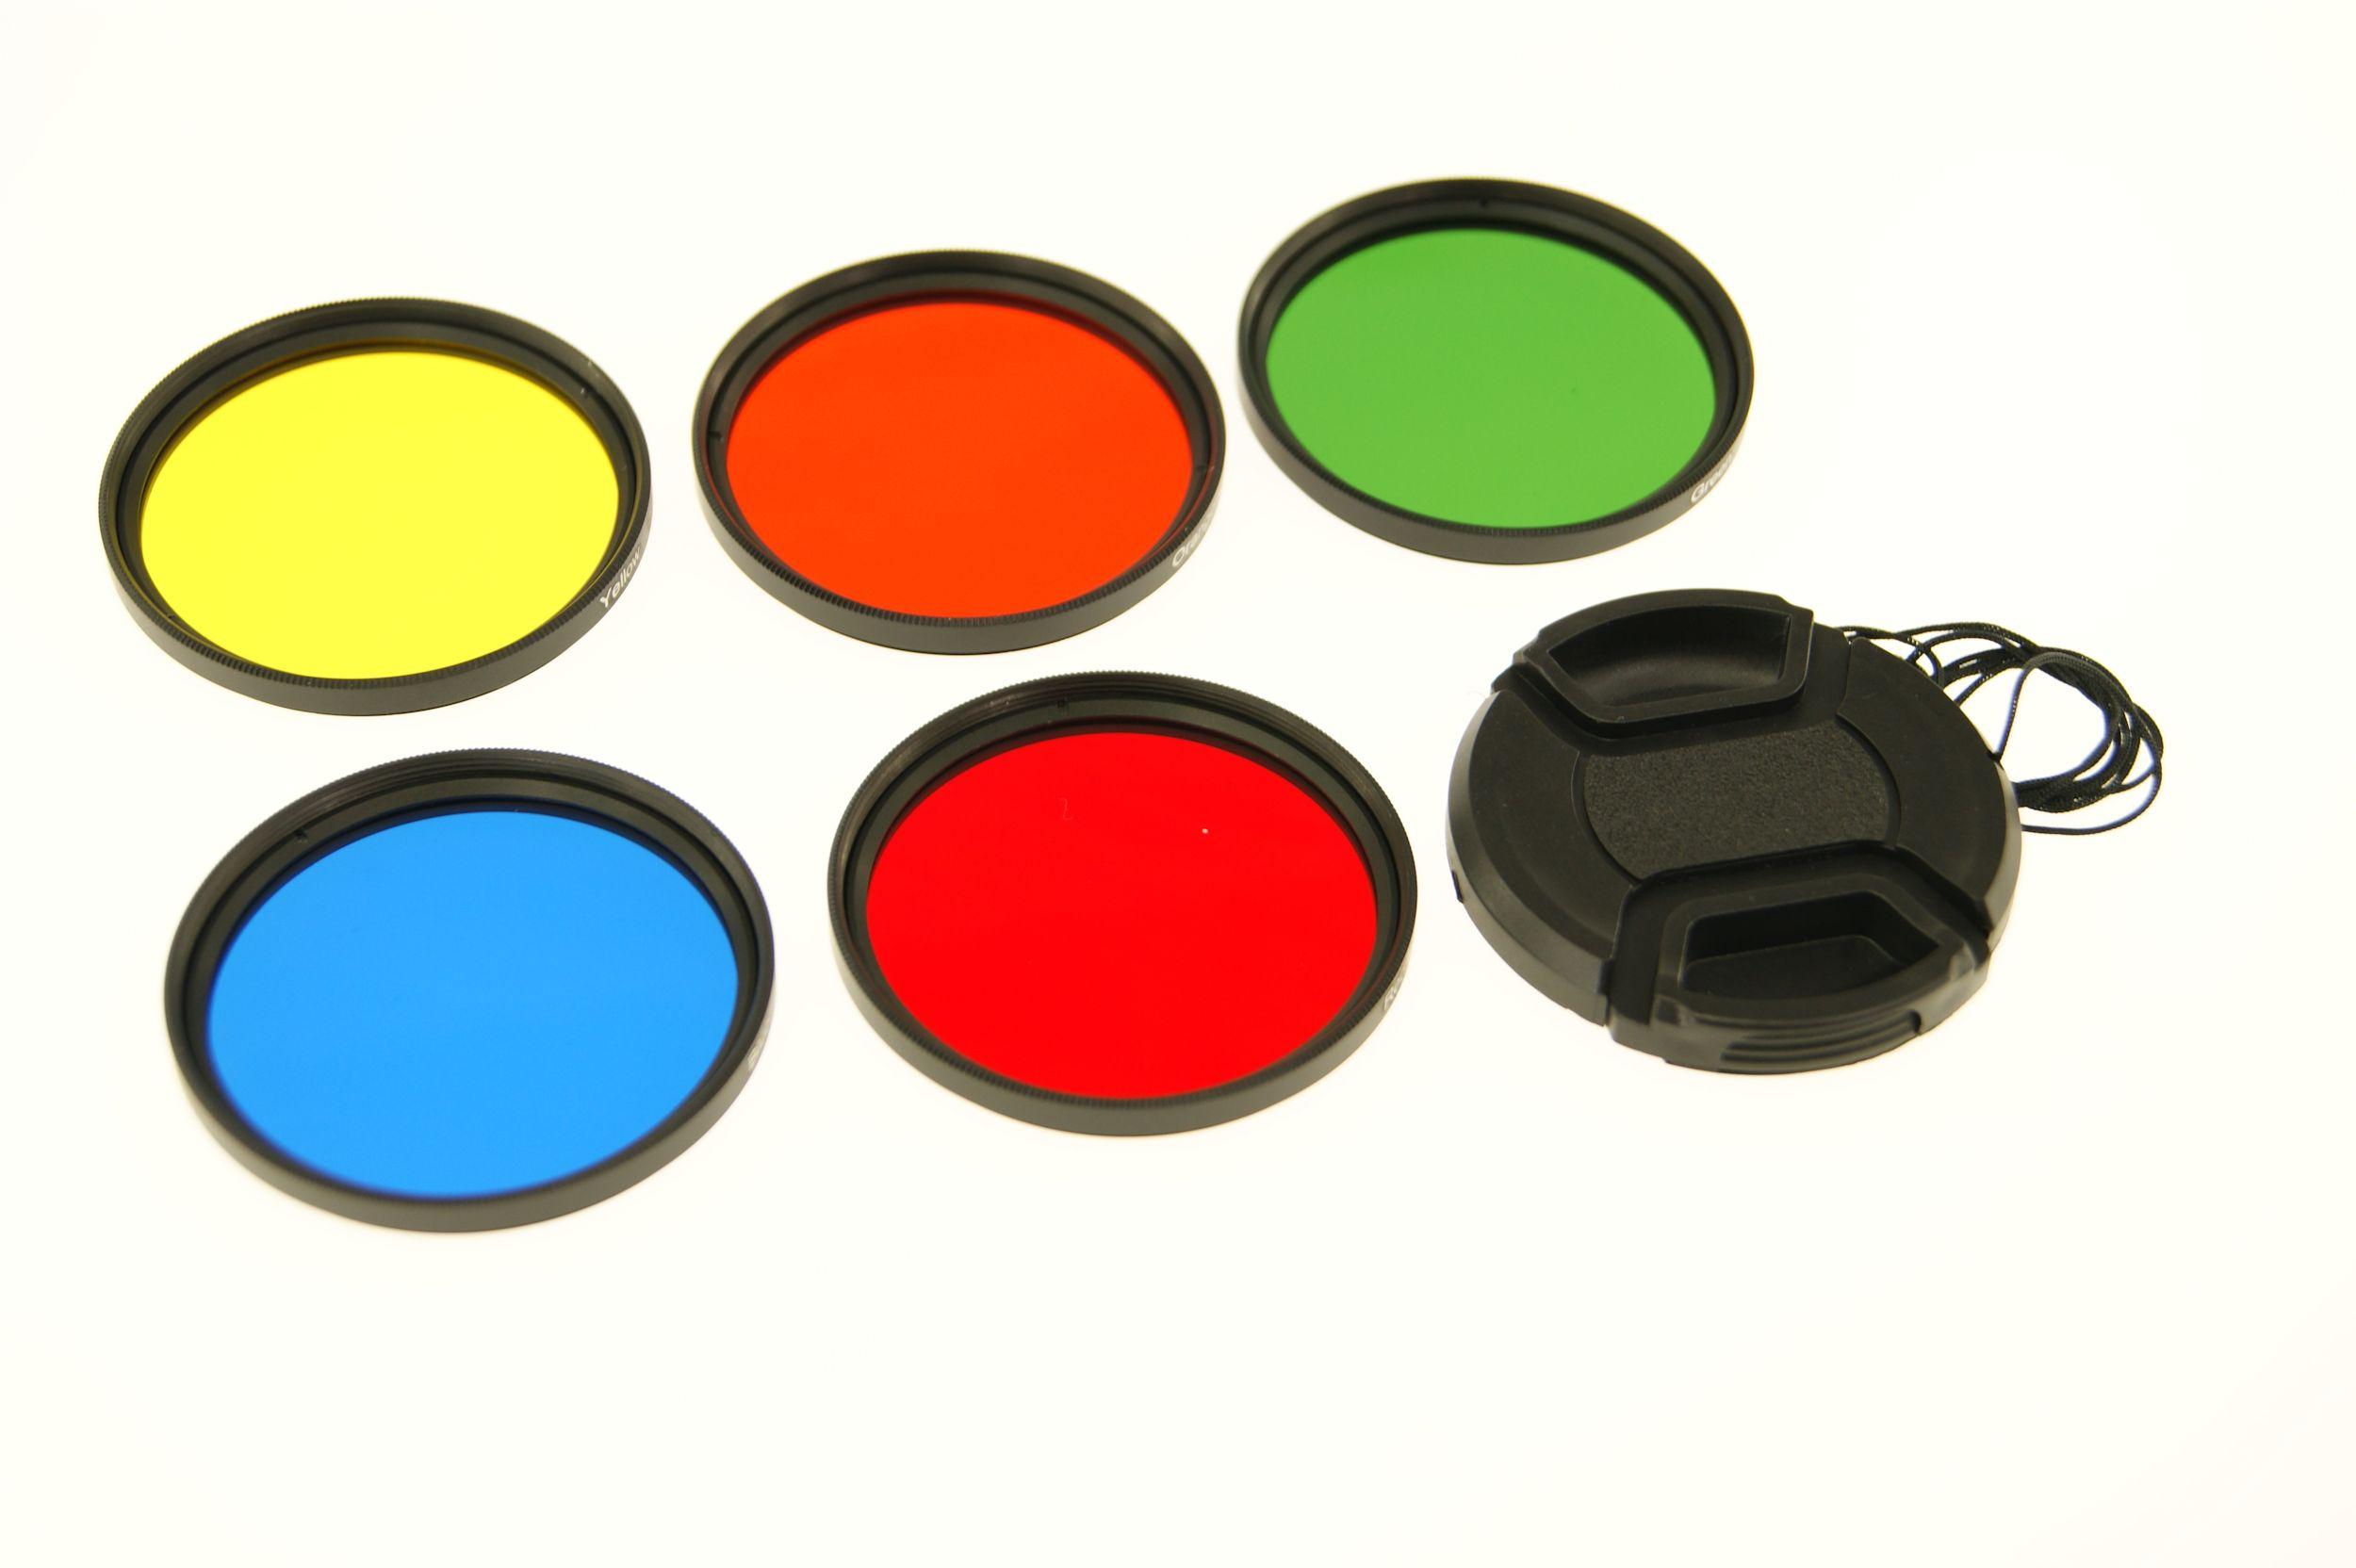 Ex-Pro 52mm Colour Filter Set 5 Piece Filter Kit with Case /& Lens Cap